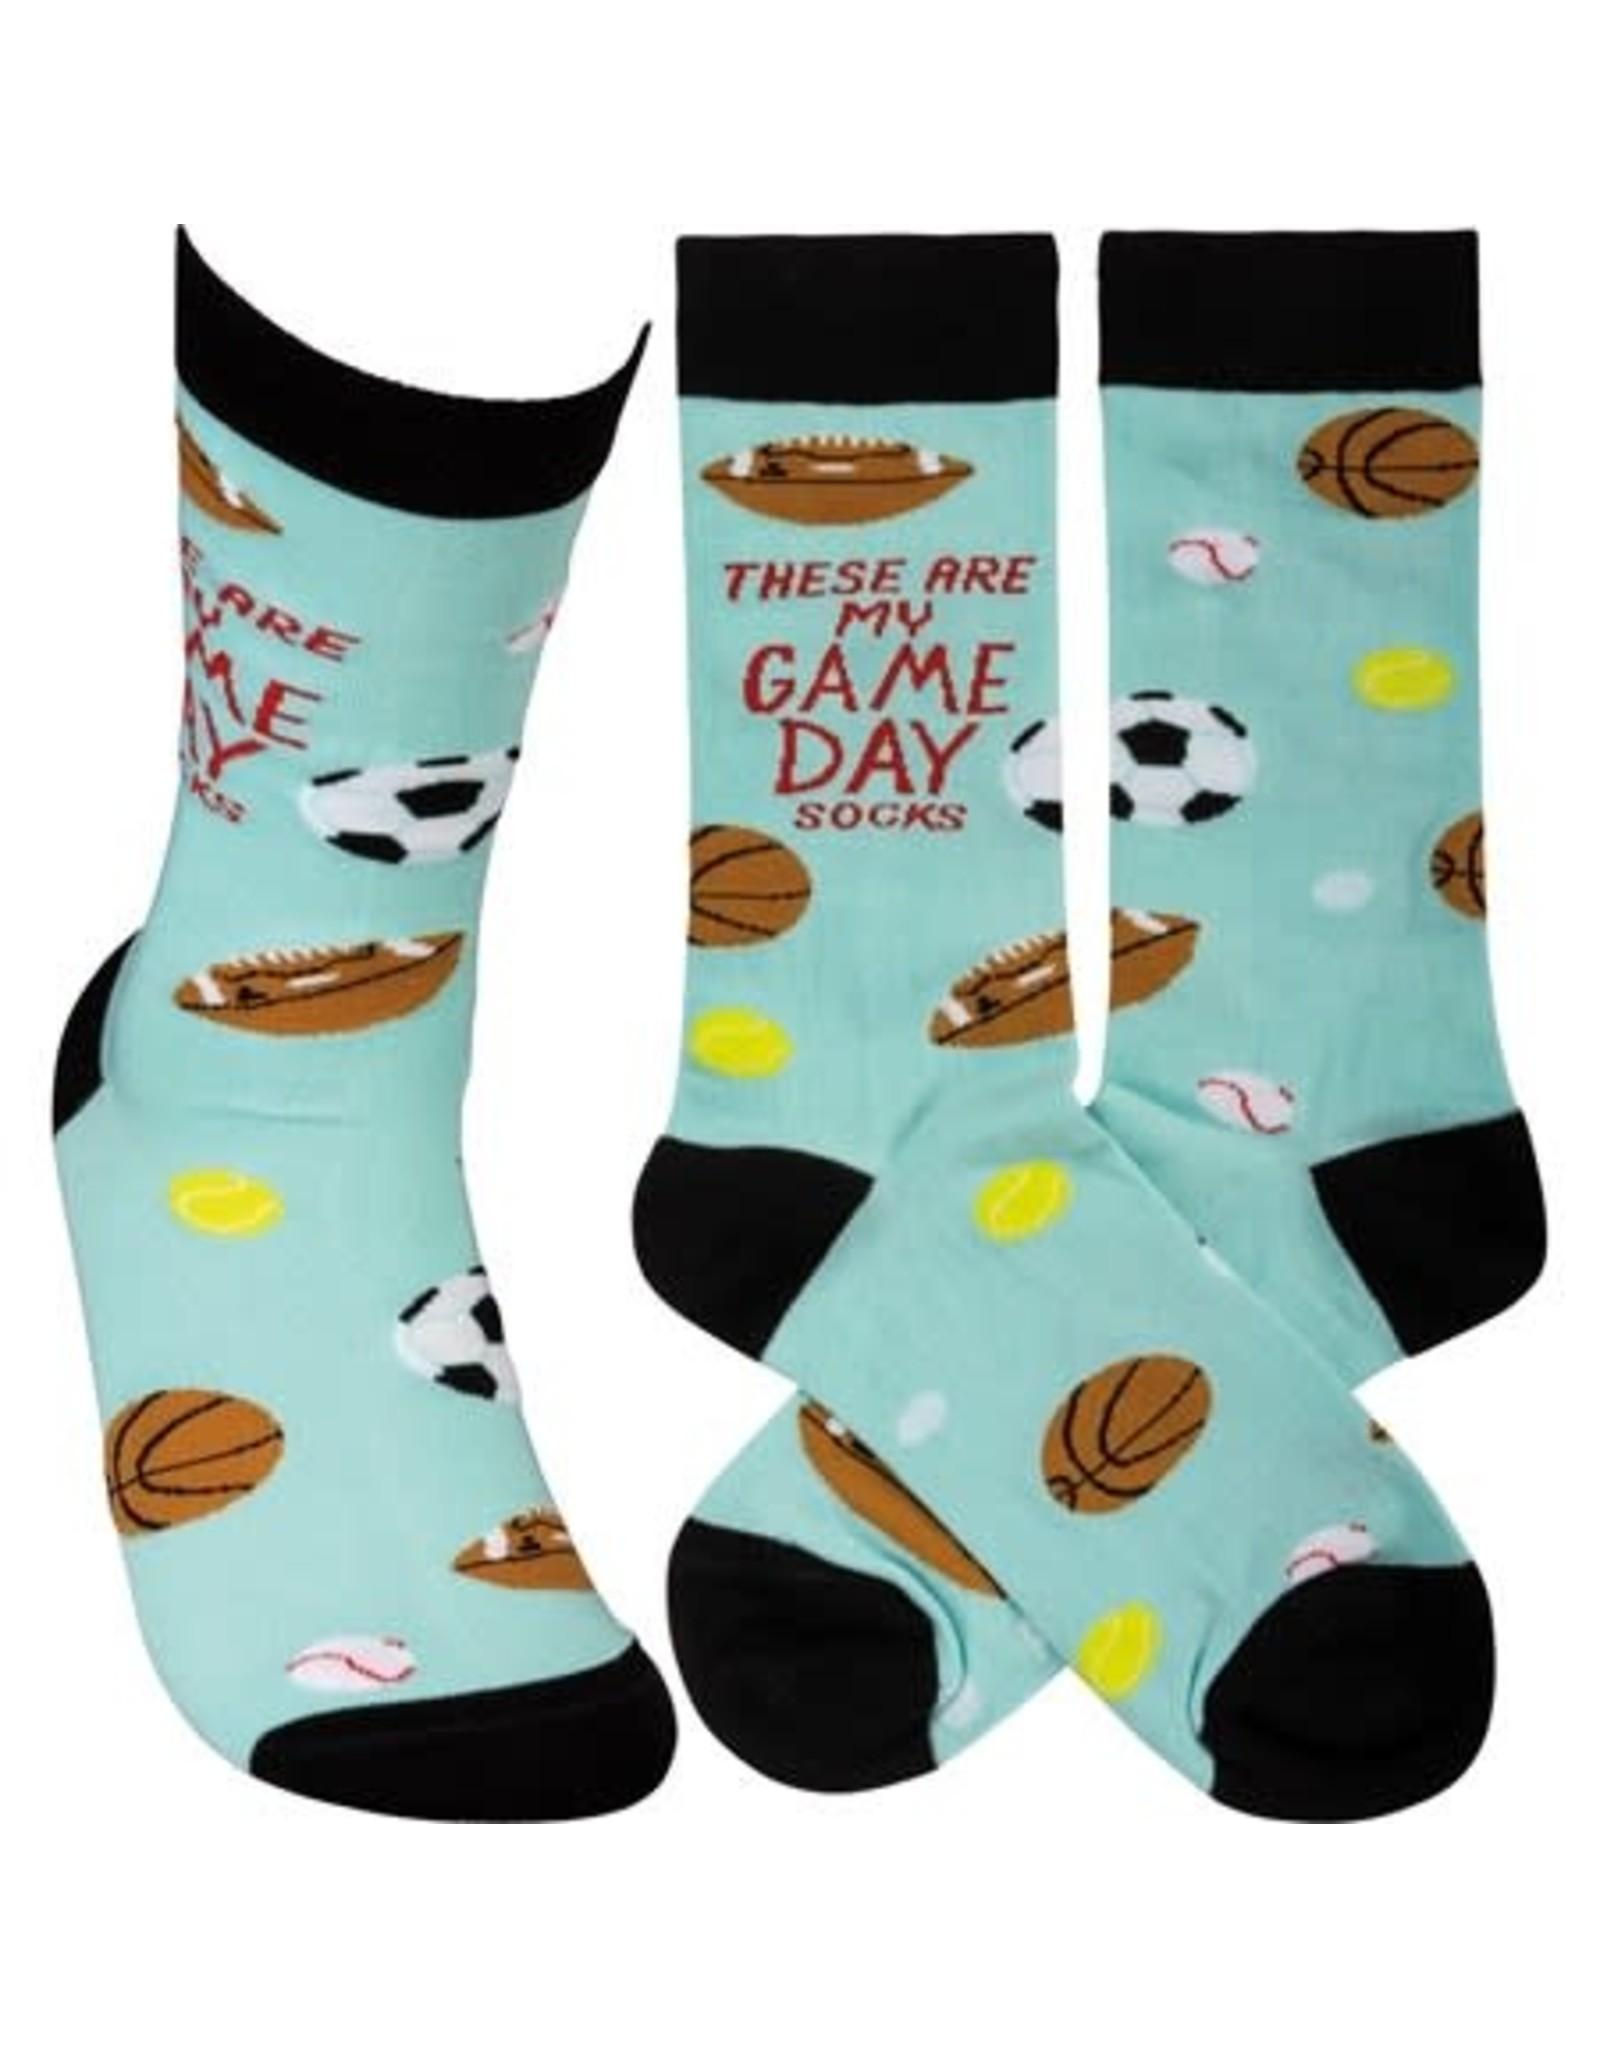 Socks, Game Day Socks